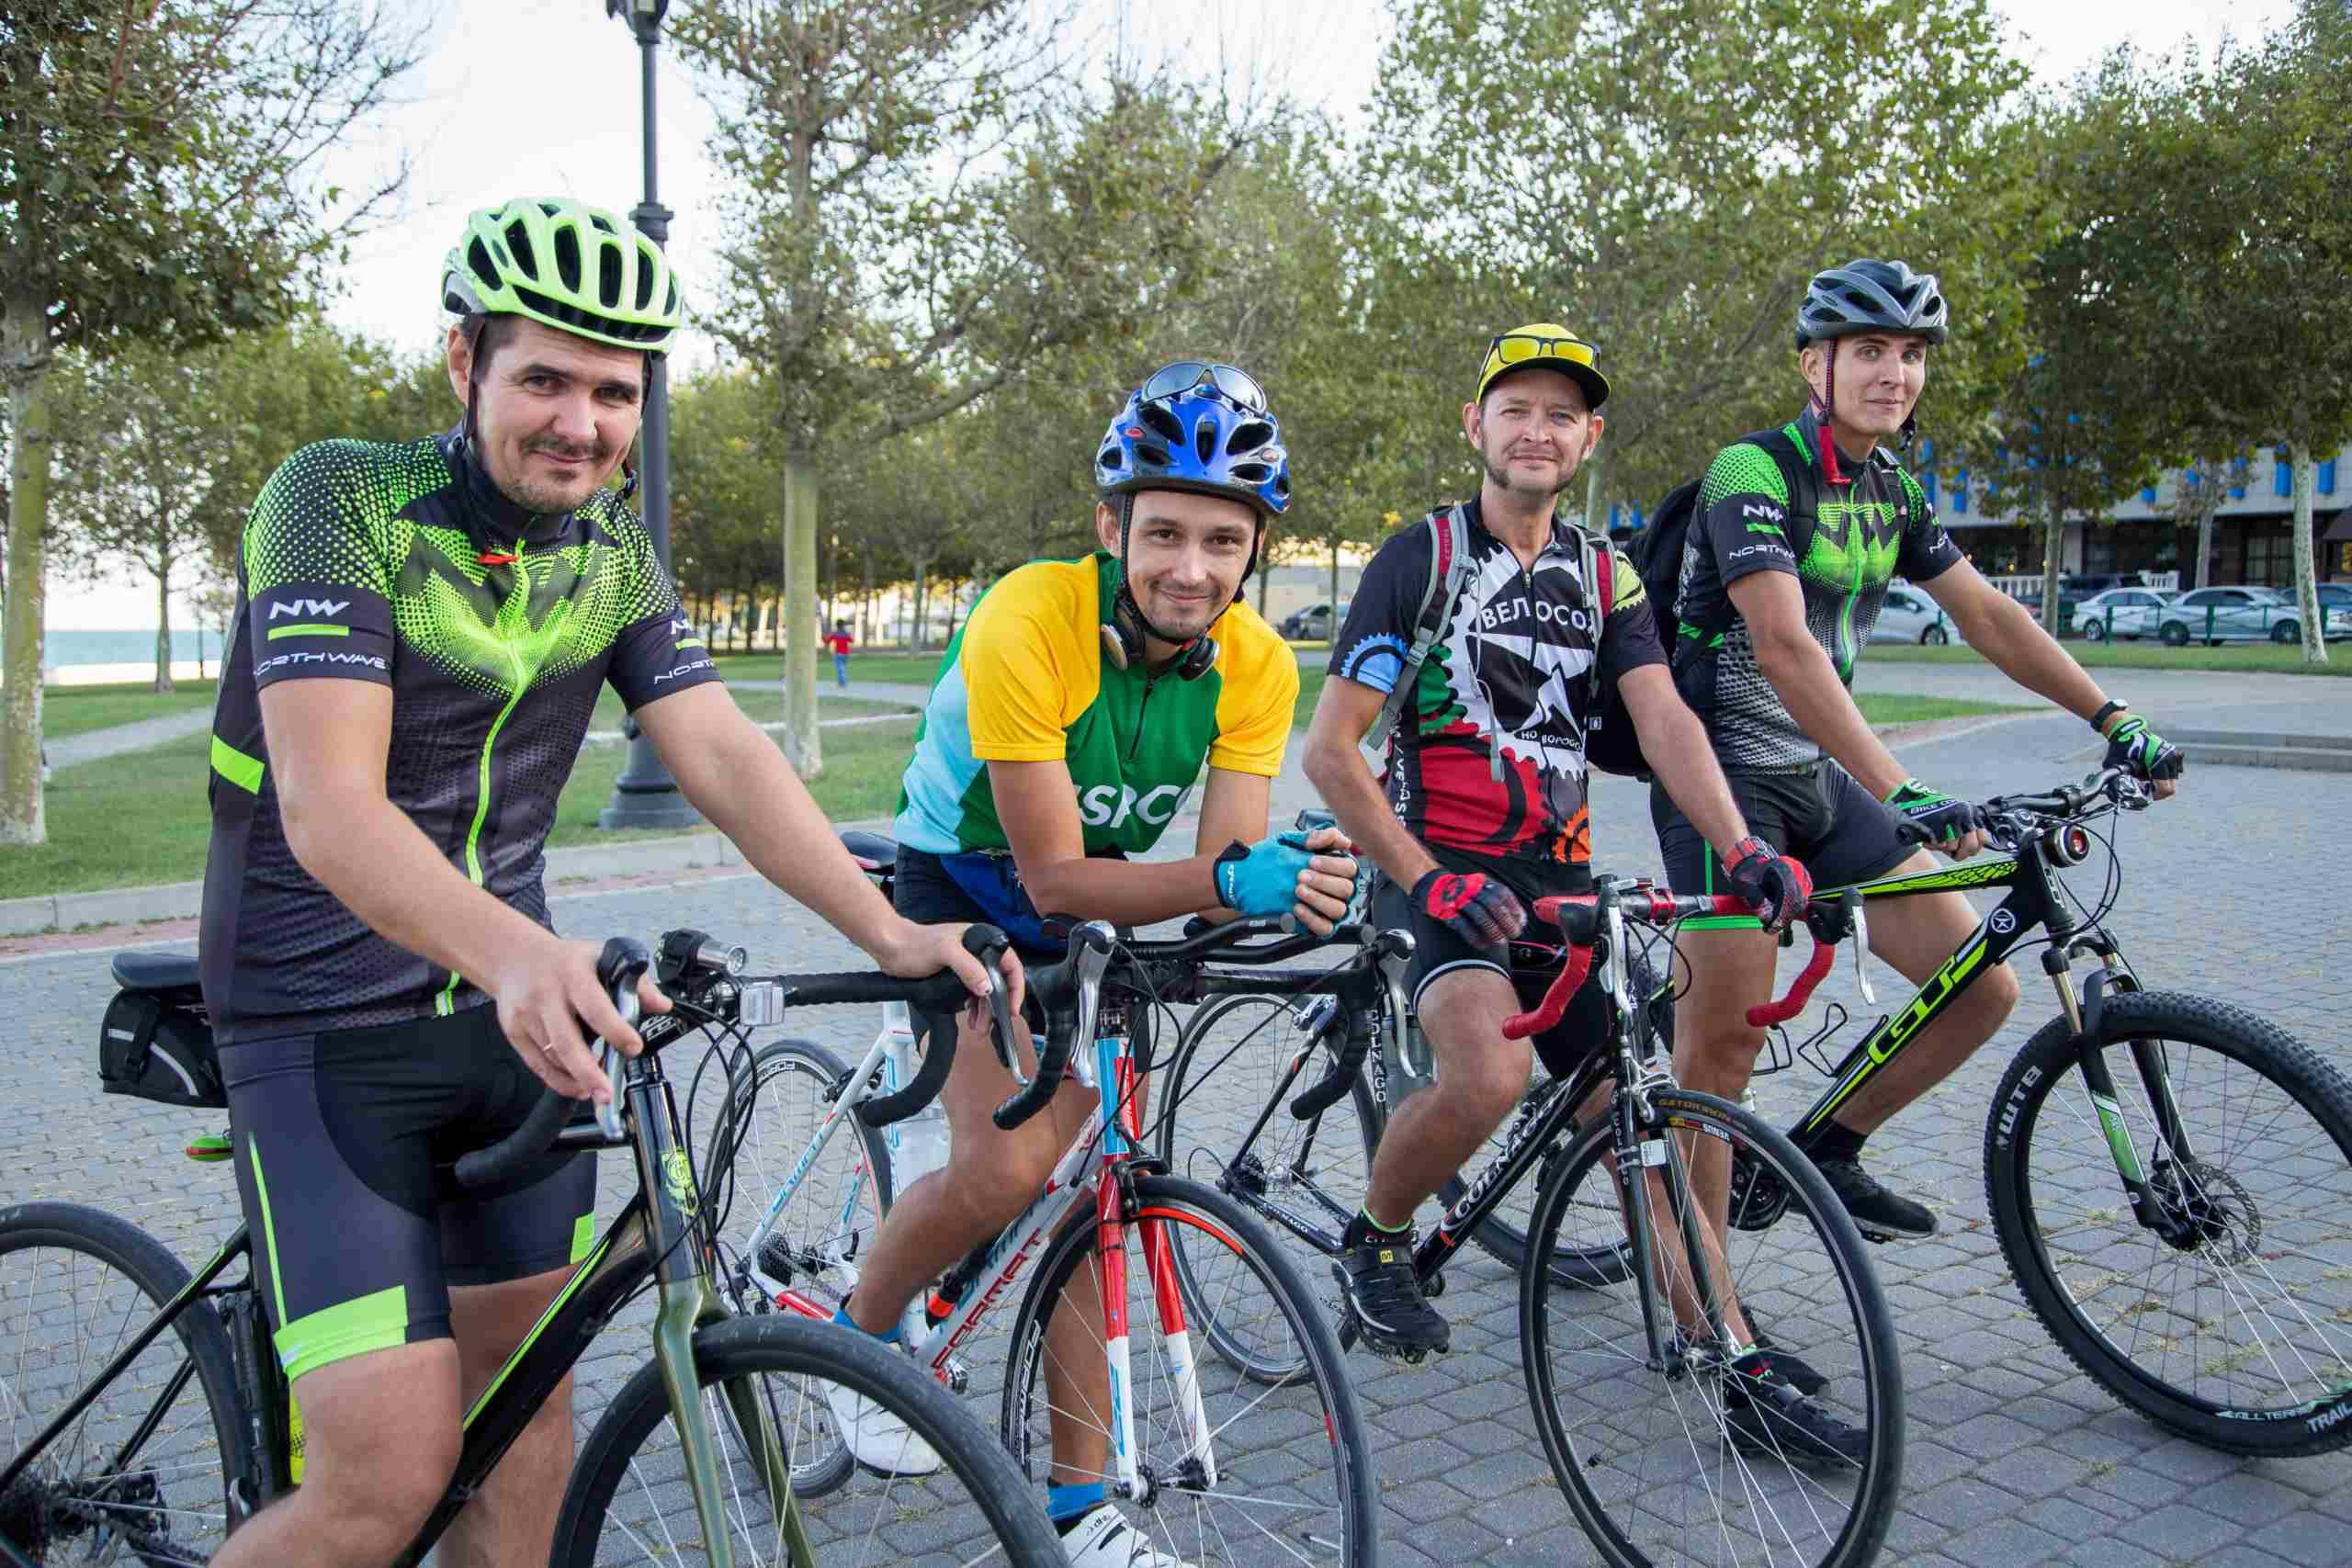 Новороссийцы готовятся к велосипедному марафону Париж — Брест — Париж